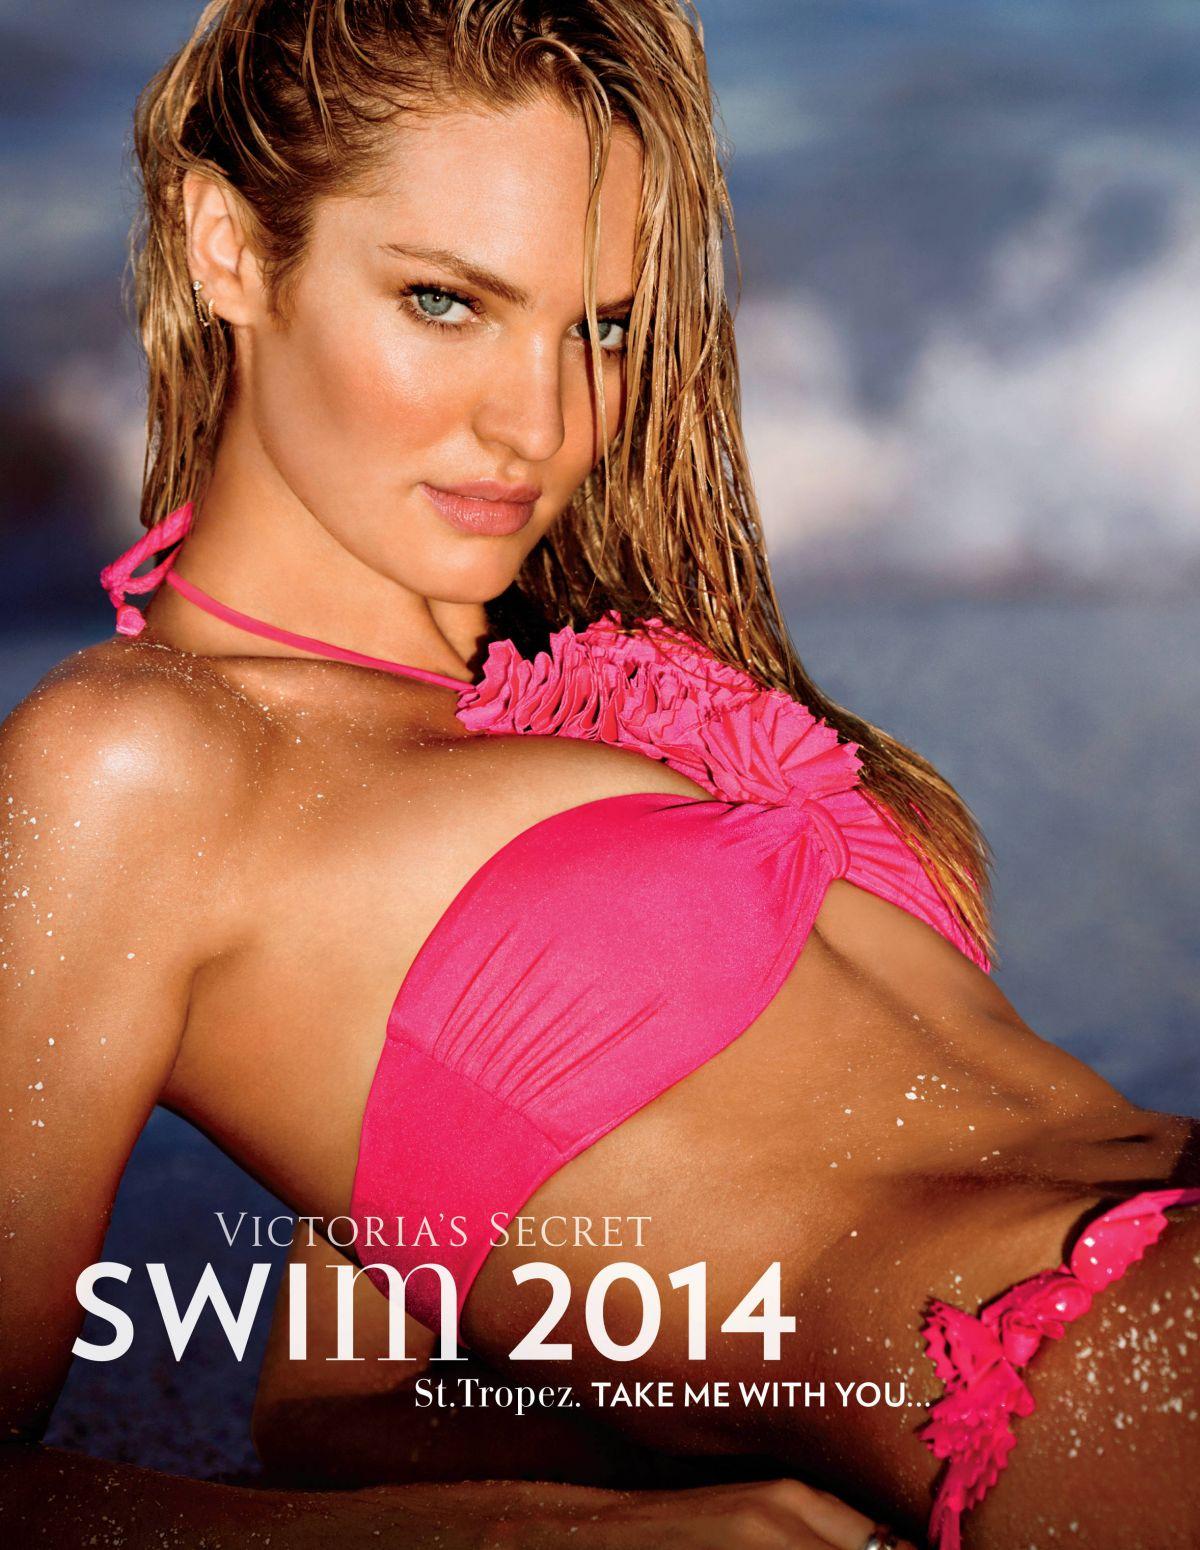 Victoria secret 2014 guest list